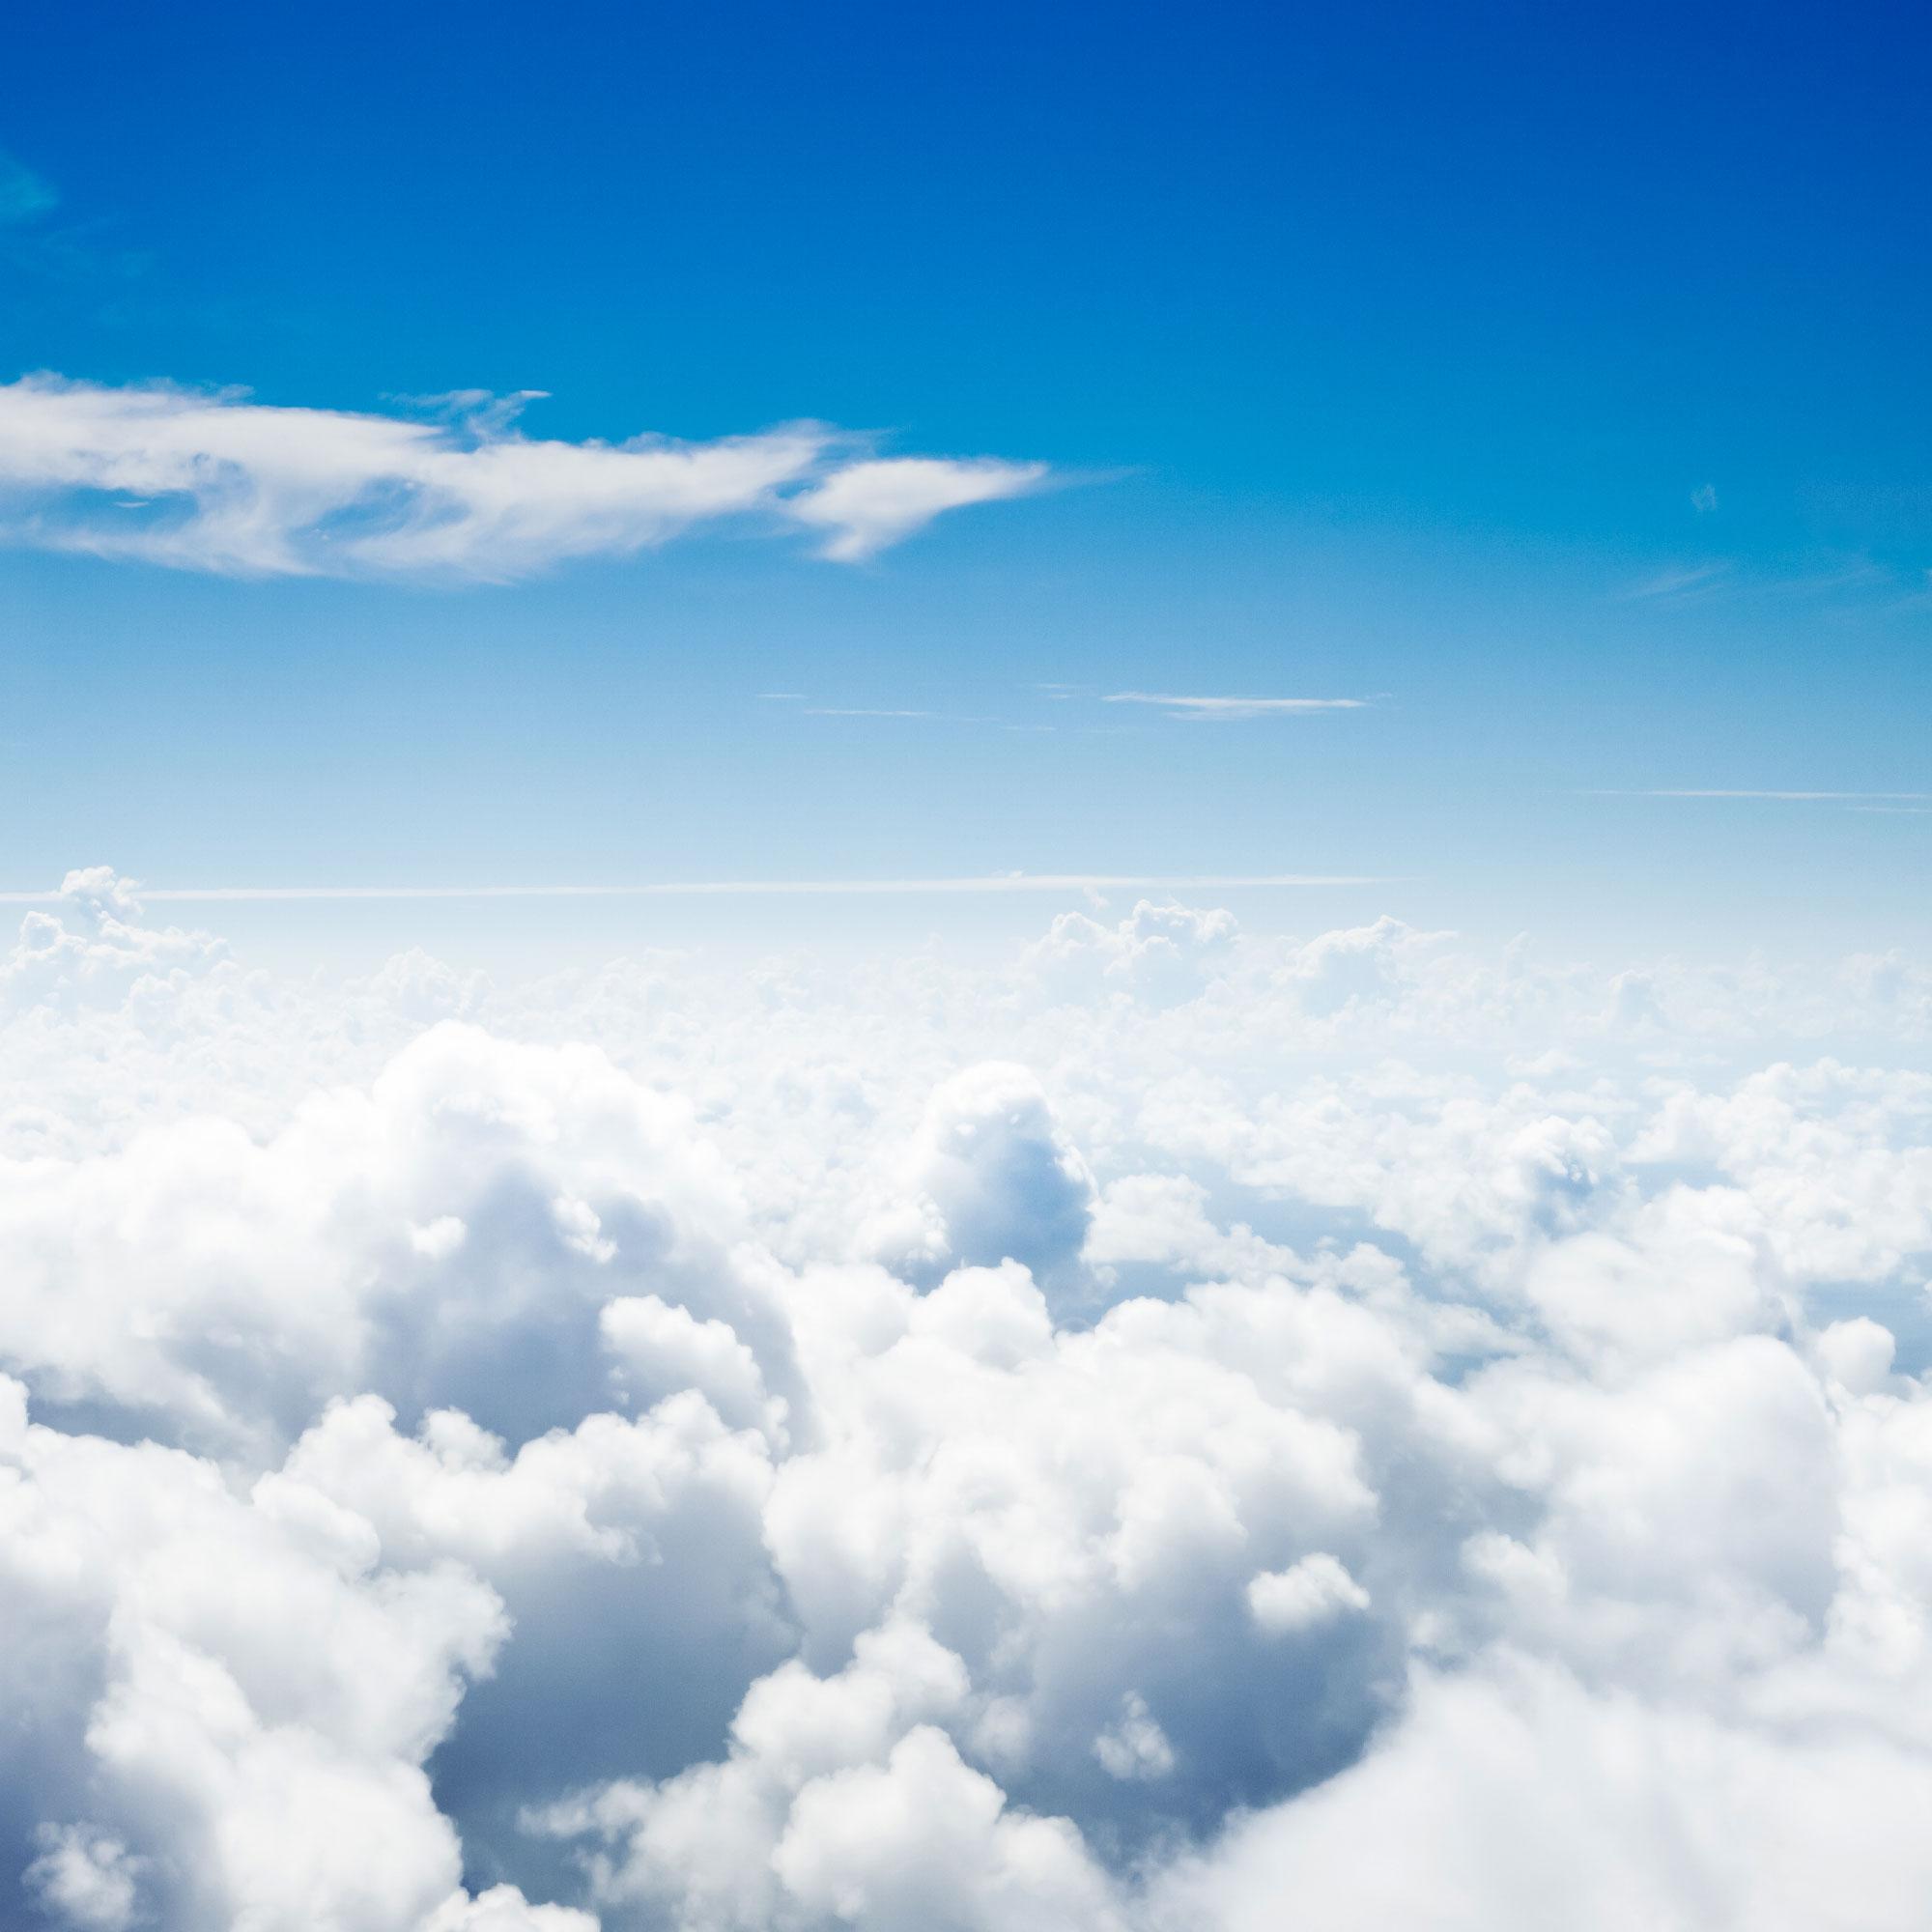 Swiss Cloud 4.0